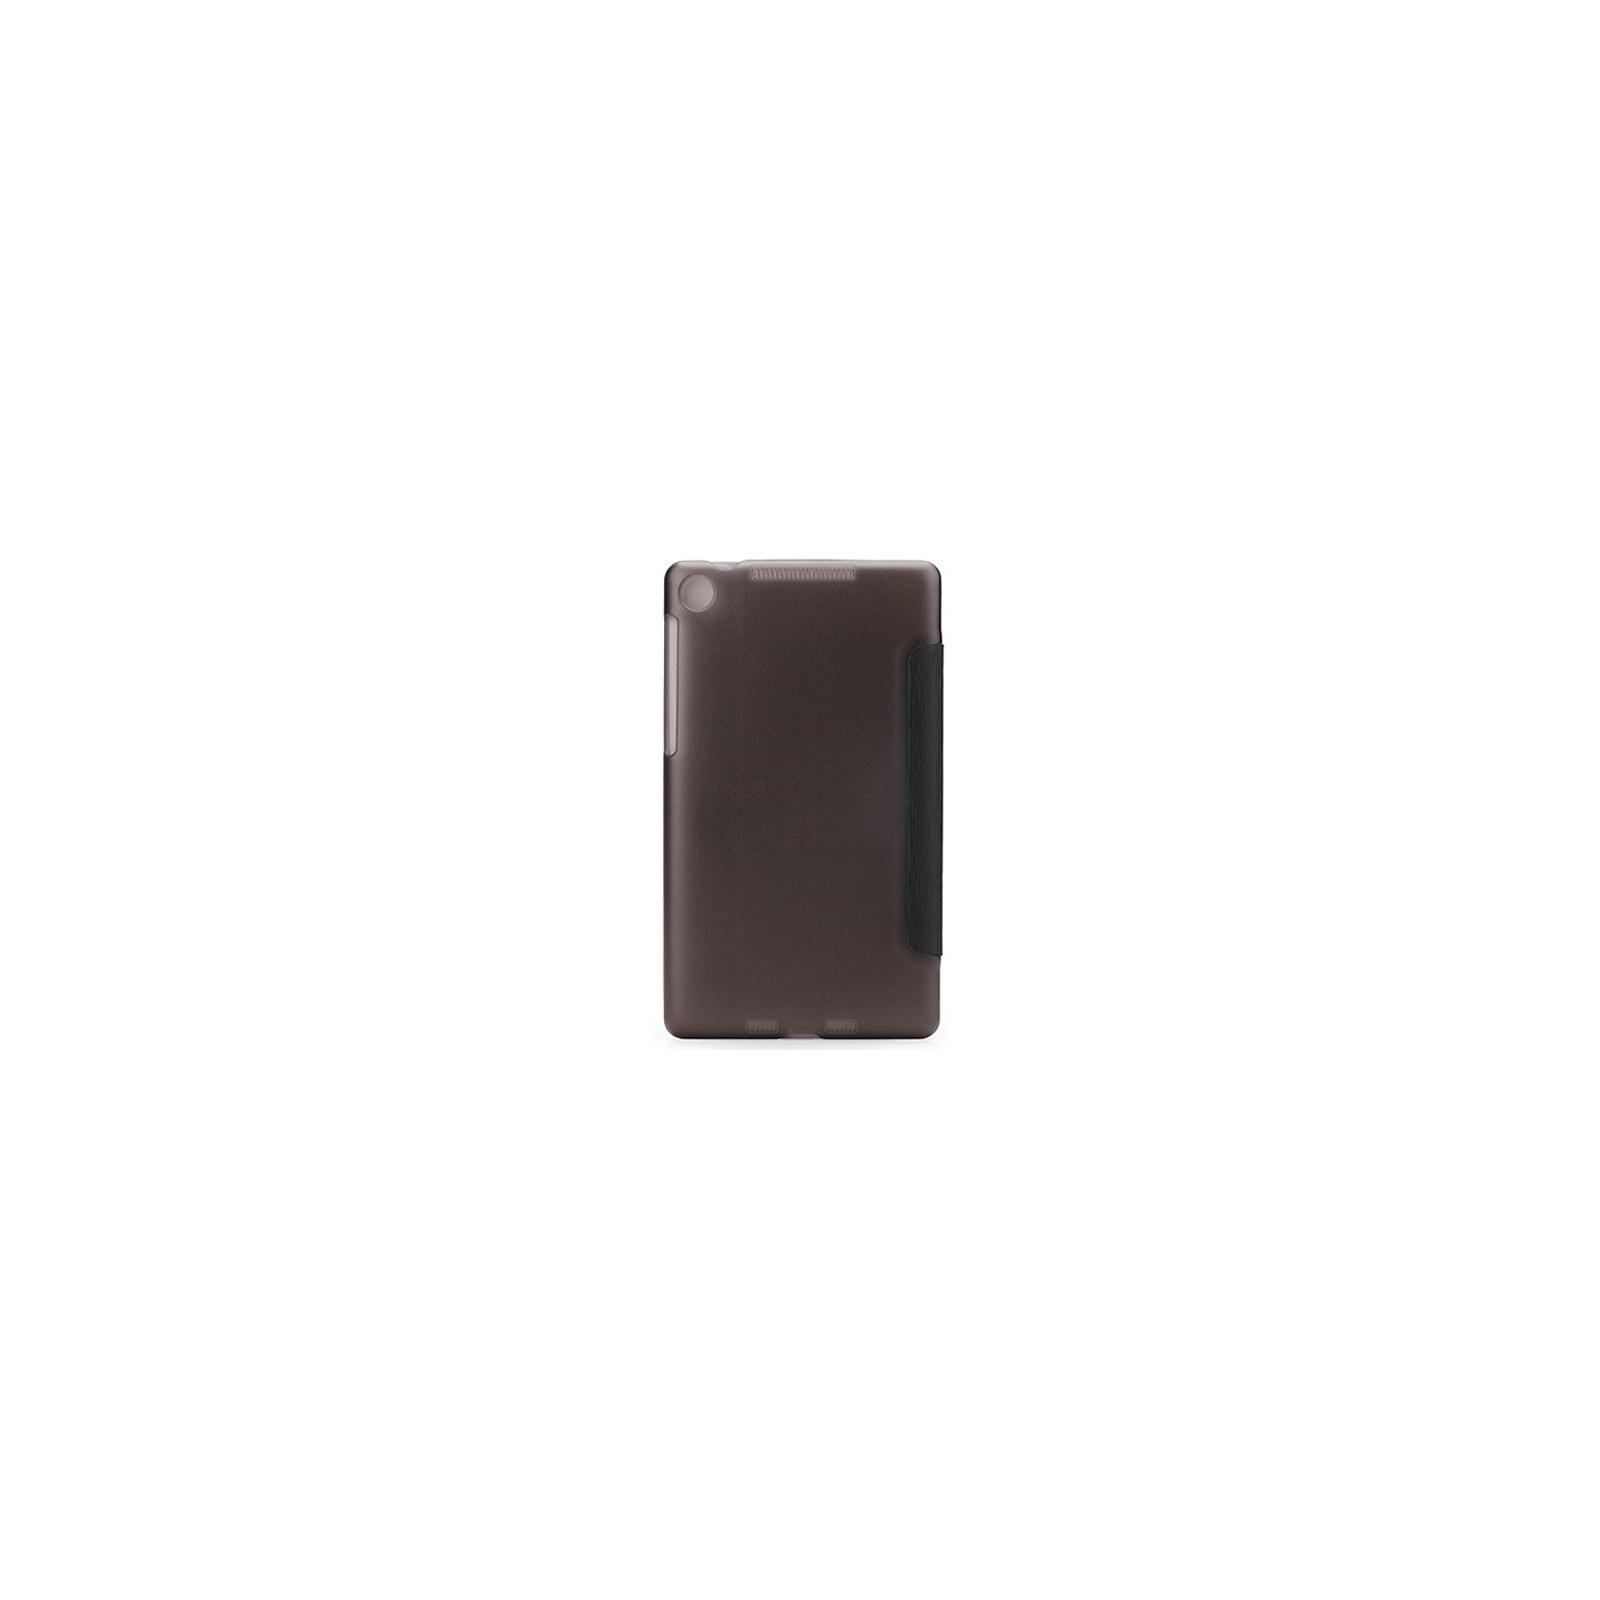 Чехол для планшета Rock Google Nexus 7 (HD) (nexus7-54916) изображение 2